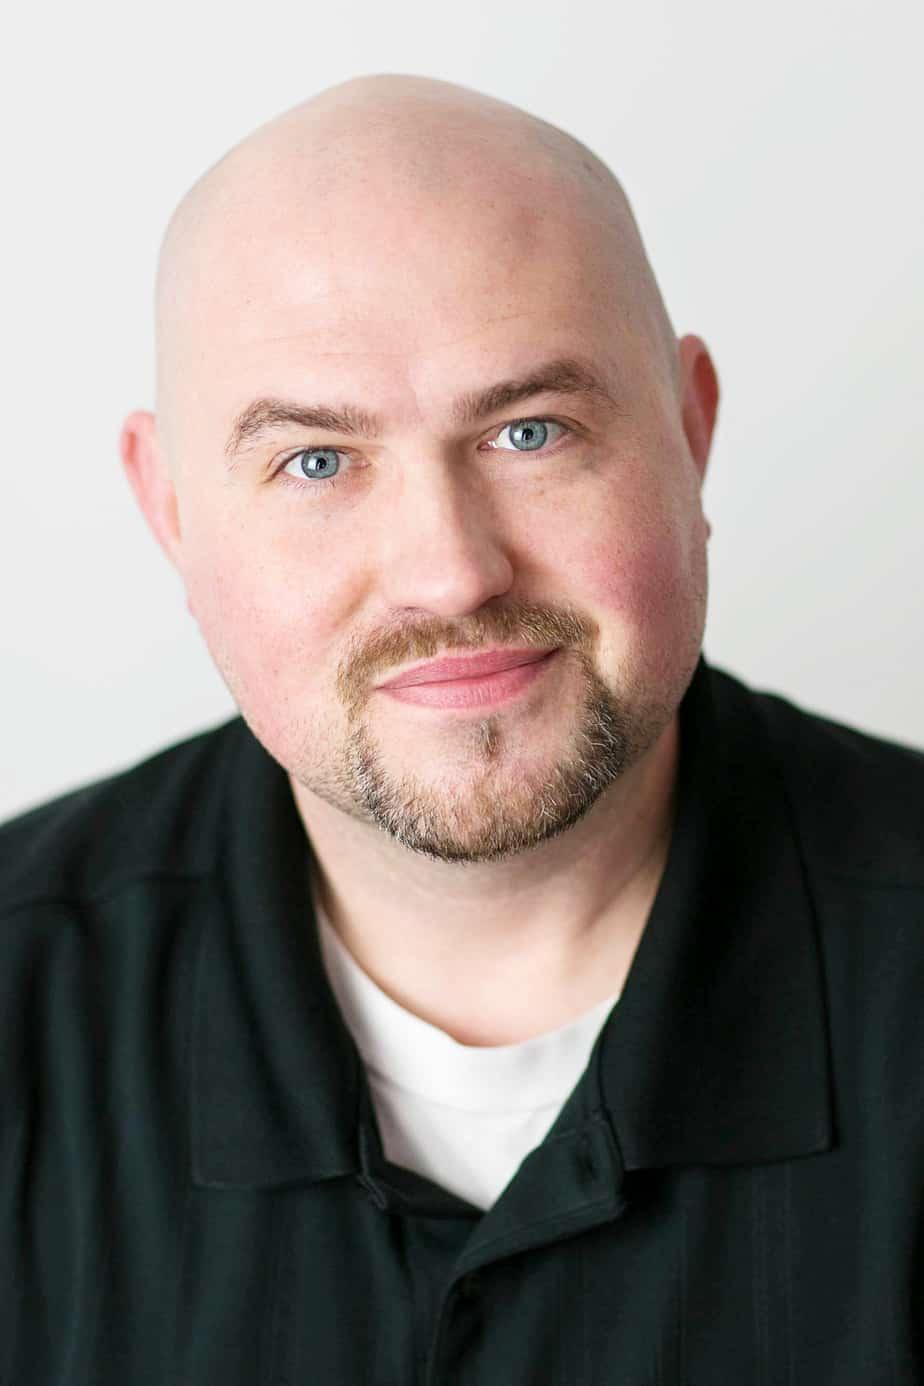 Headshot of Scott K. Johnson from mySugr